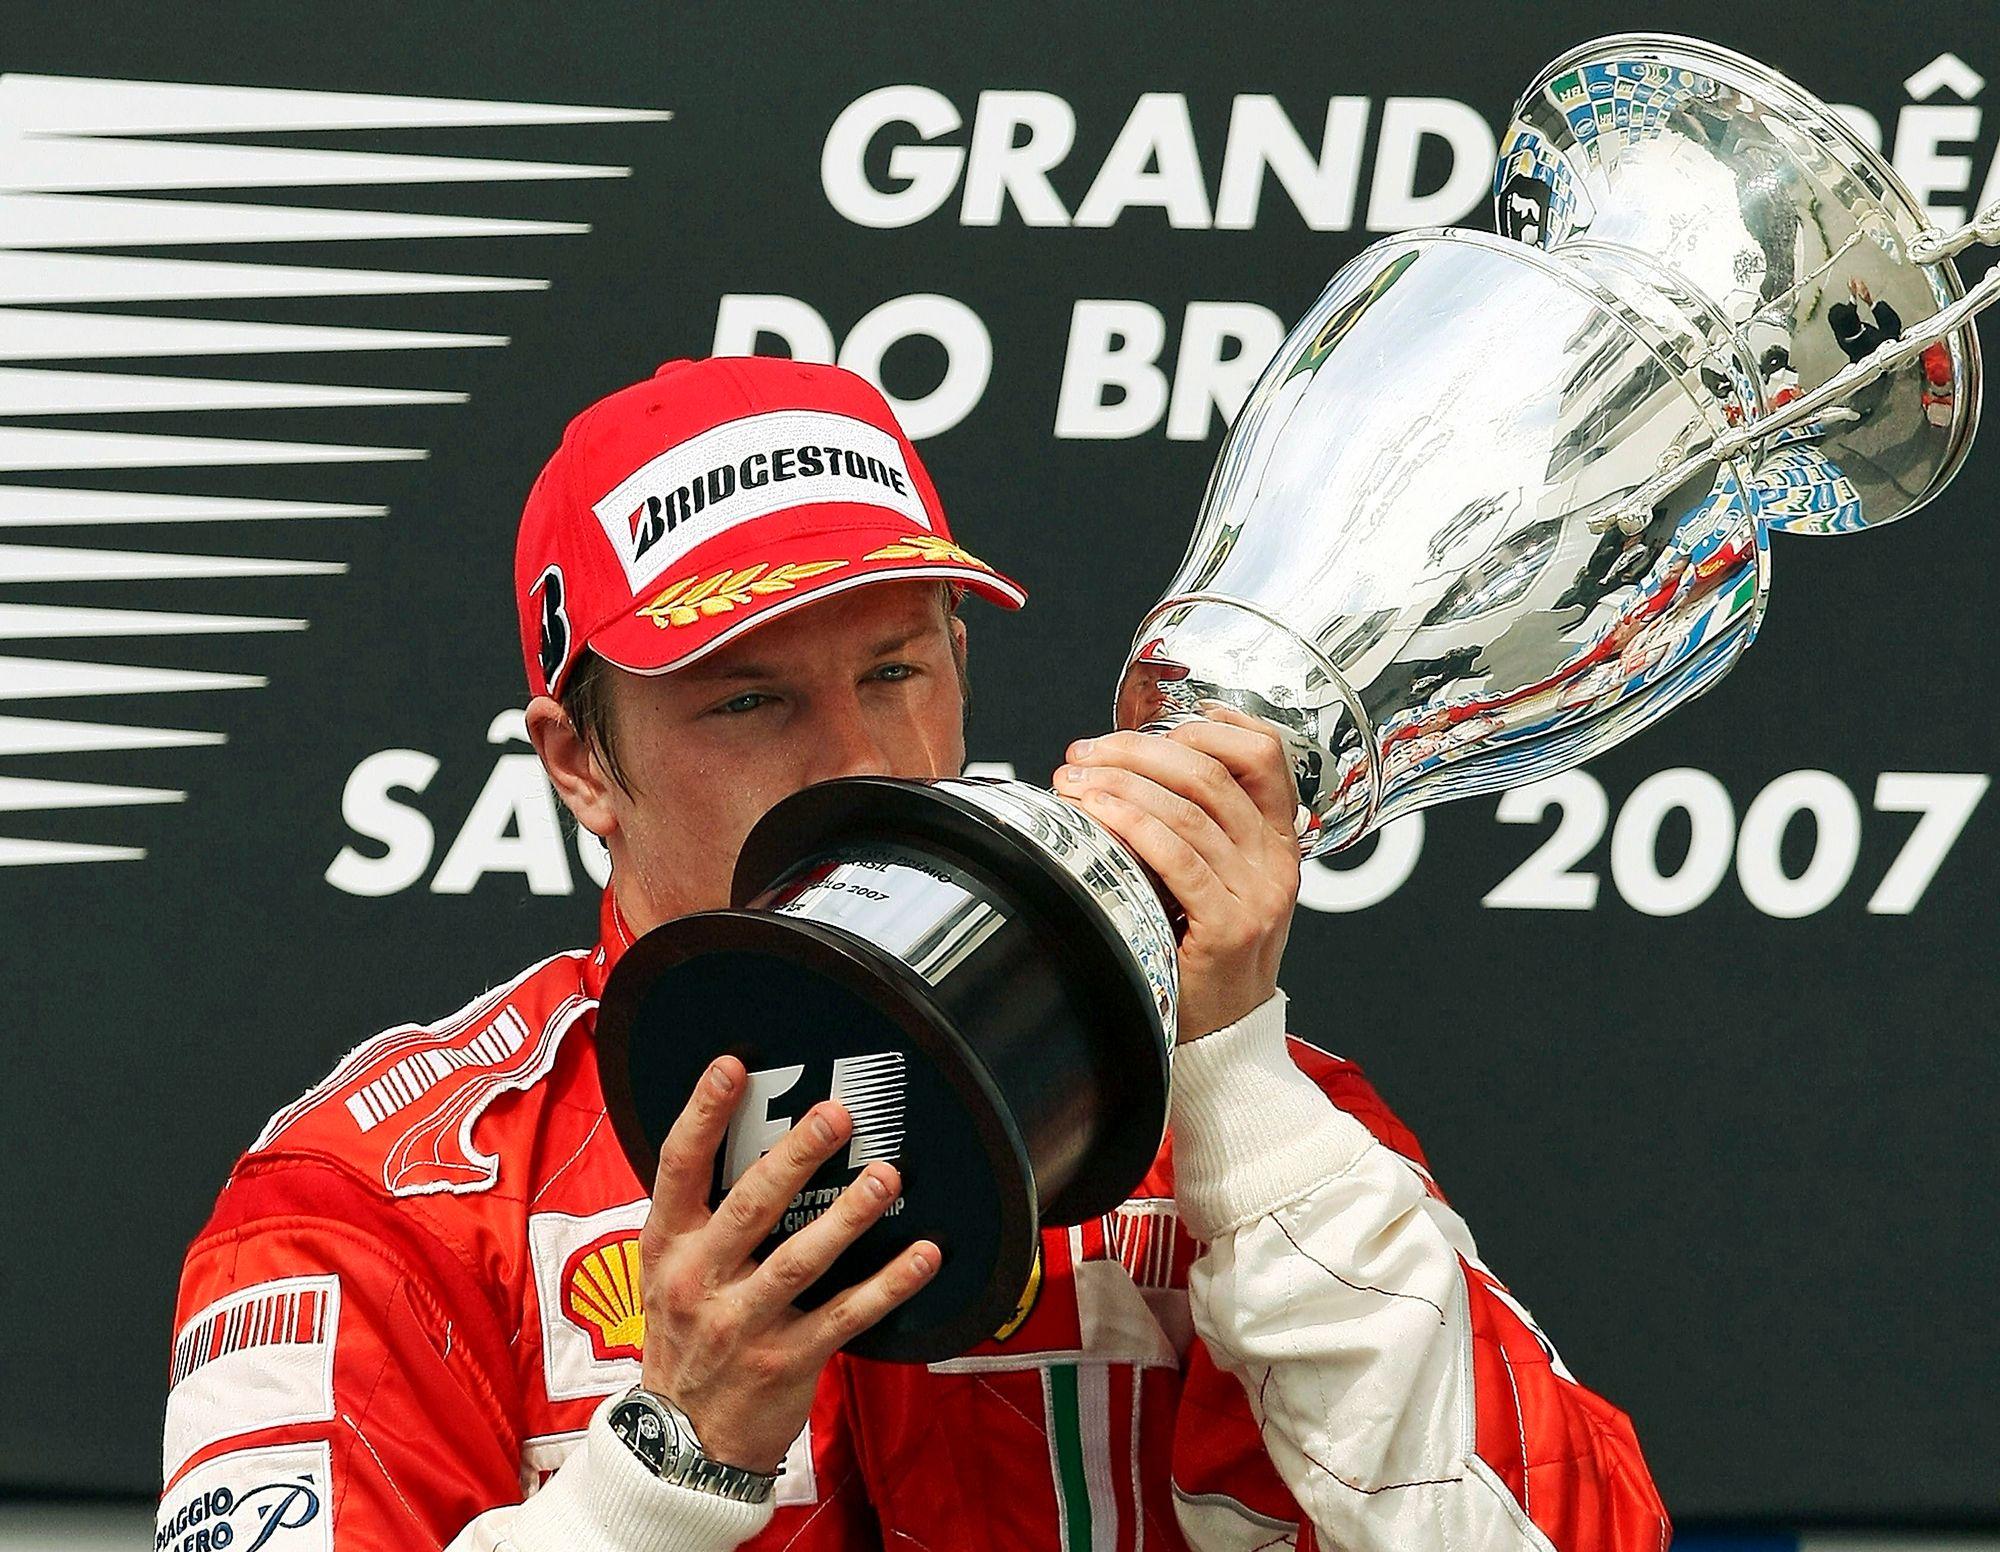 Syksyllä 2007 Räikkönen juhli maailmanmestaruutta Brasilian osakilpailun jälkeen. © AFP / Lehtikuva